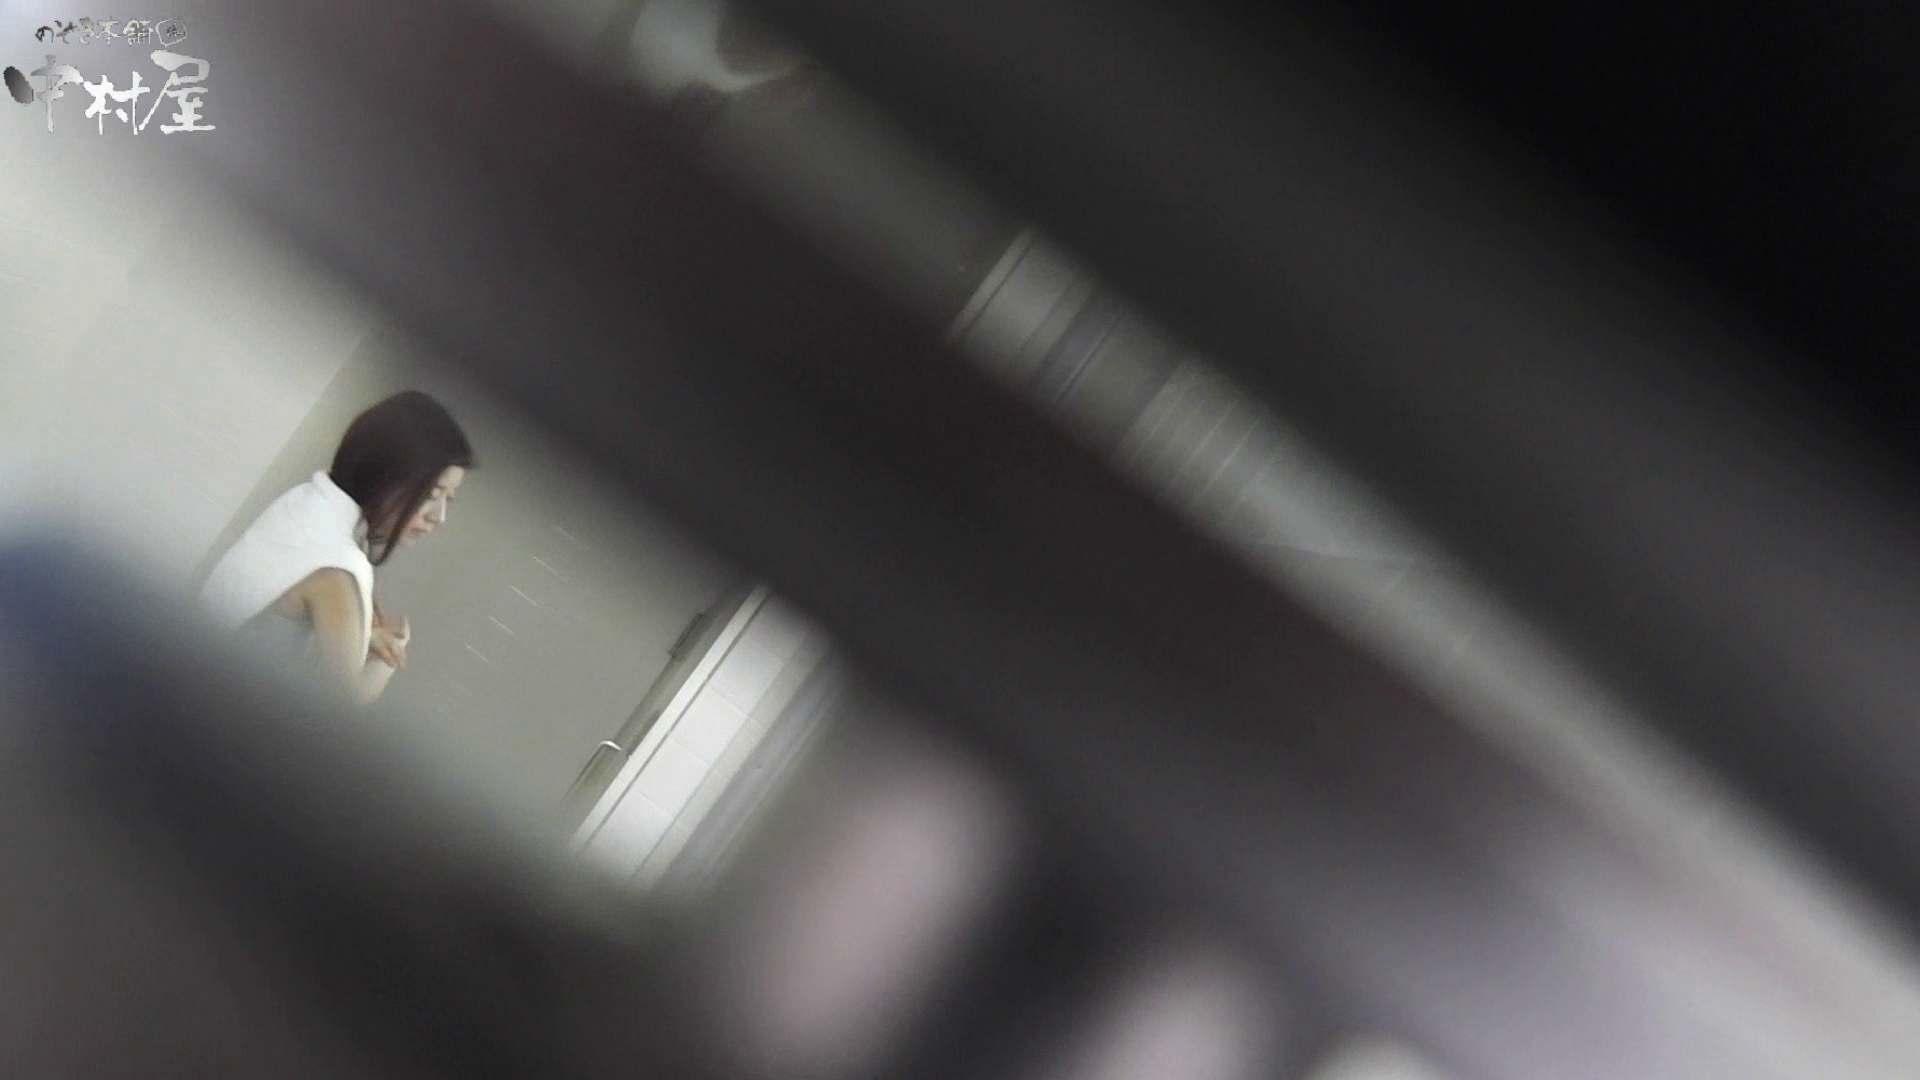 vol.47 命がけ潜伏洗面所! 可愛い顔してケツ毛な件 プライベート ぱこり動画紹介 94連発 77